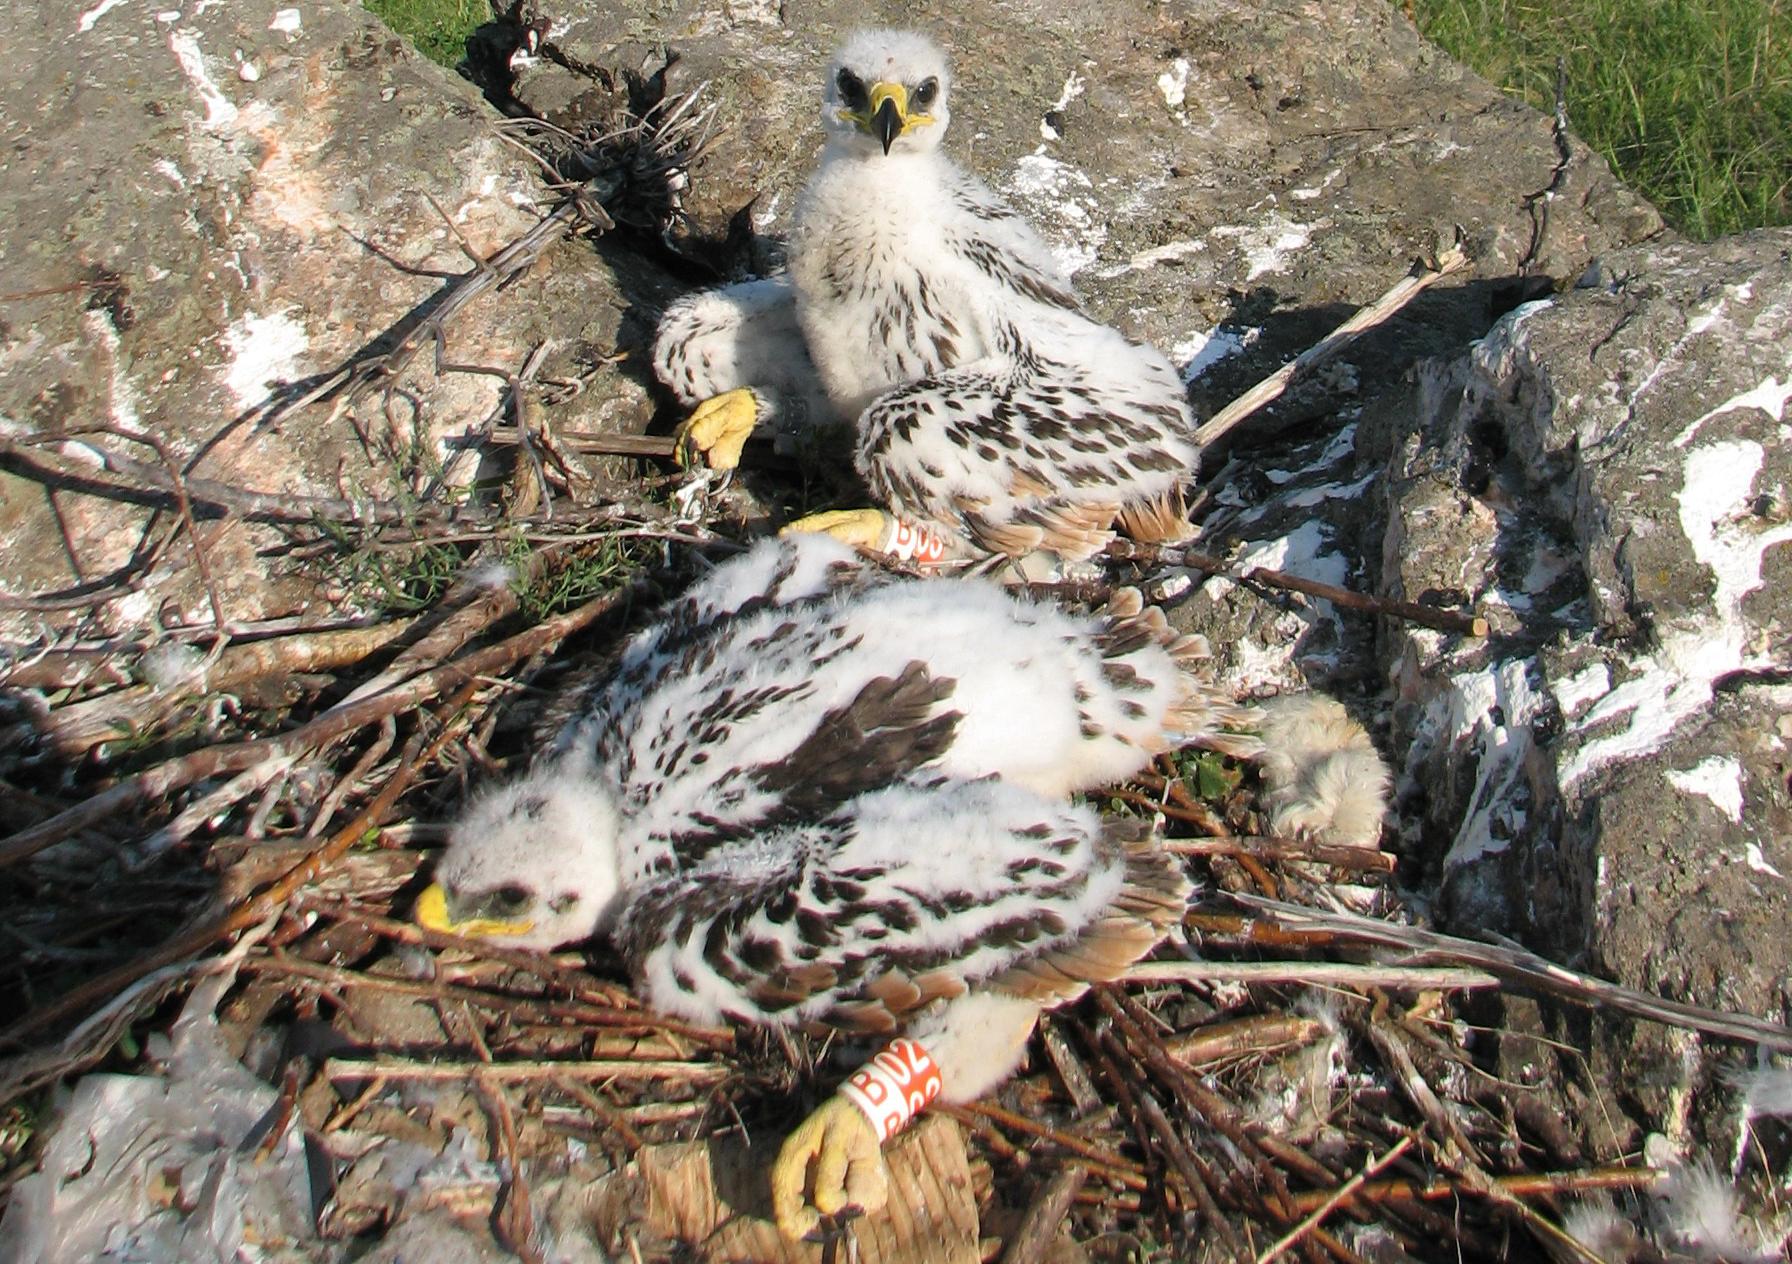 Степной орёл (Aquila nipalensis). Алтайский край. Фото С. Важова.